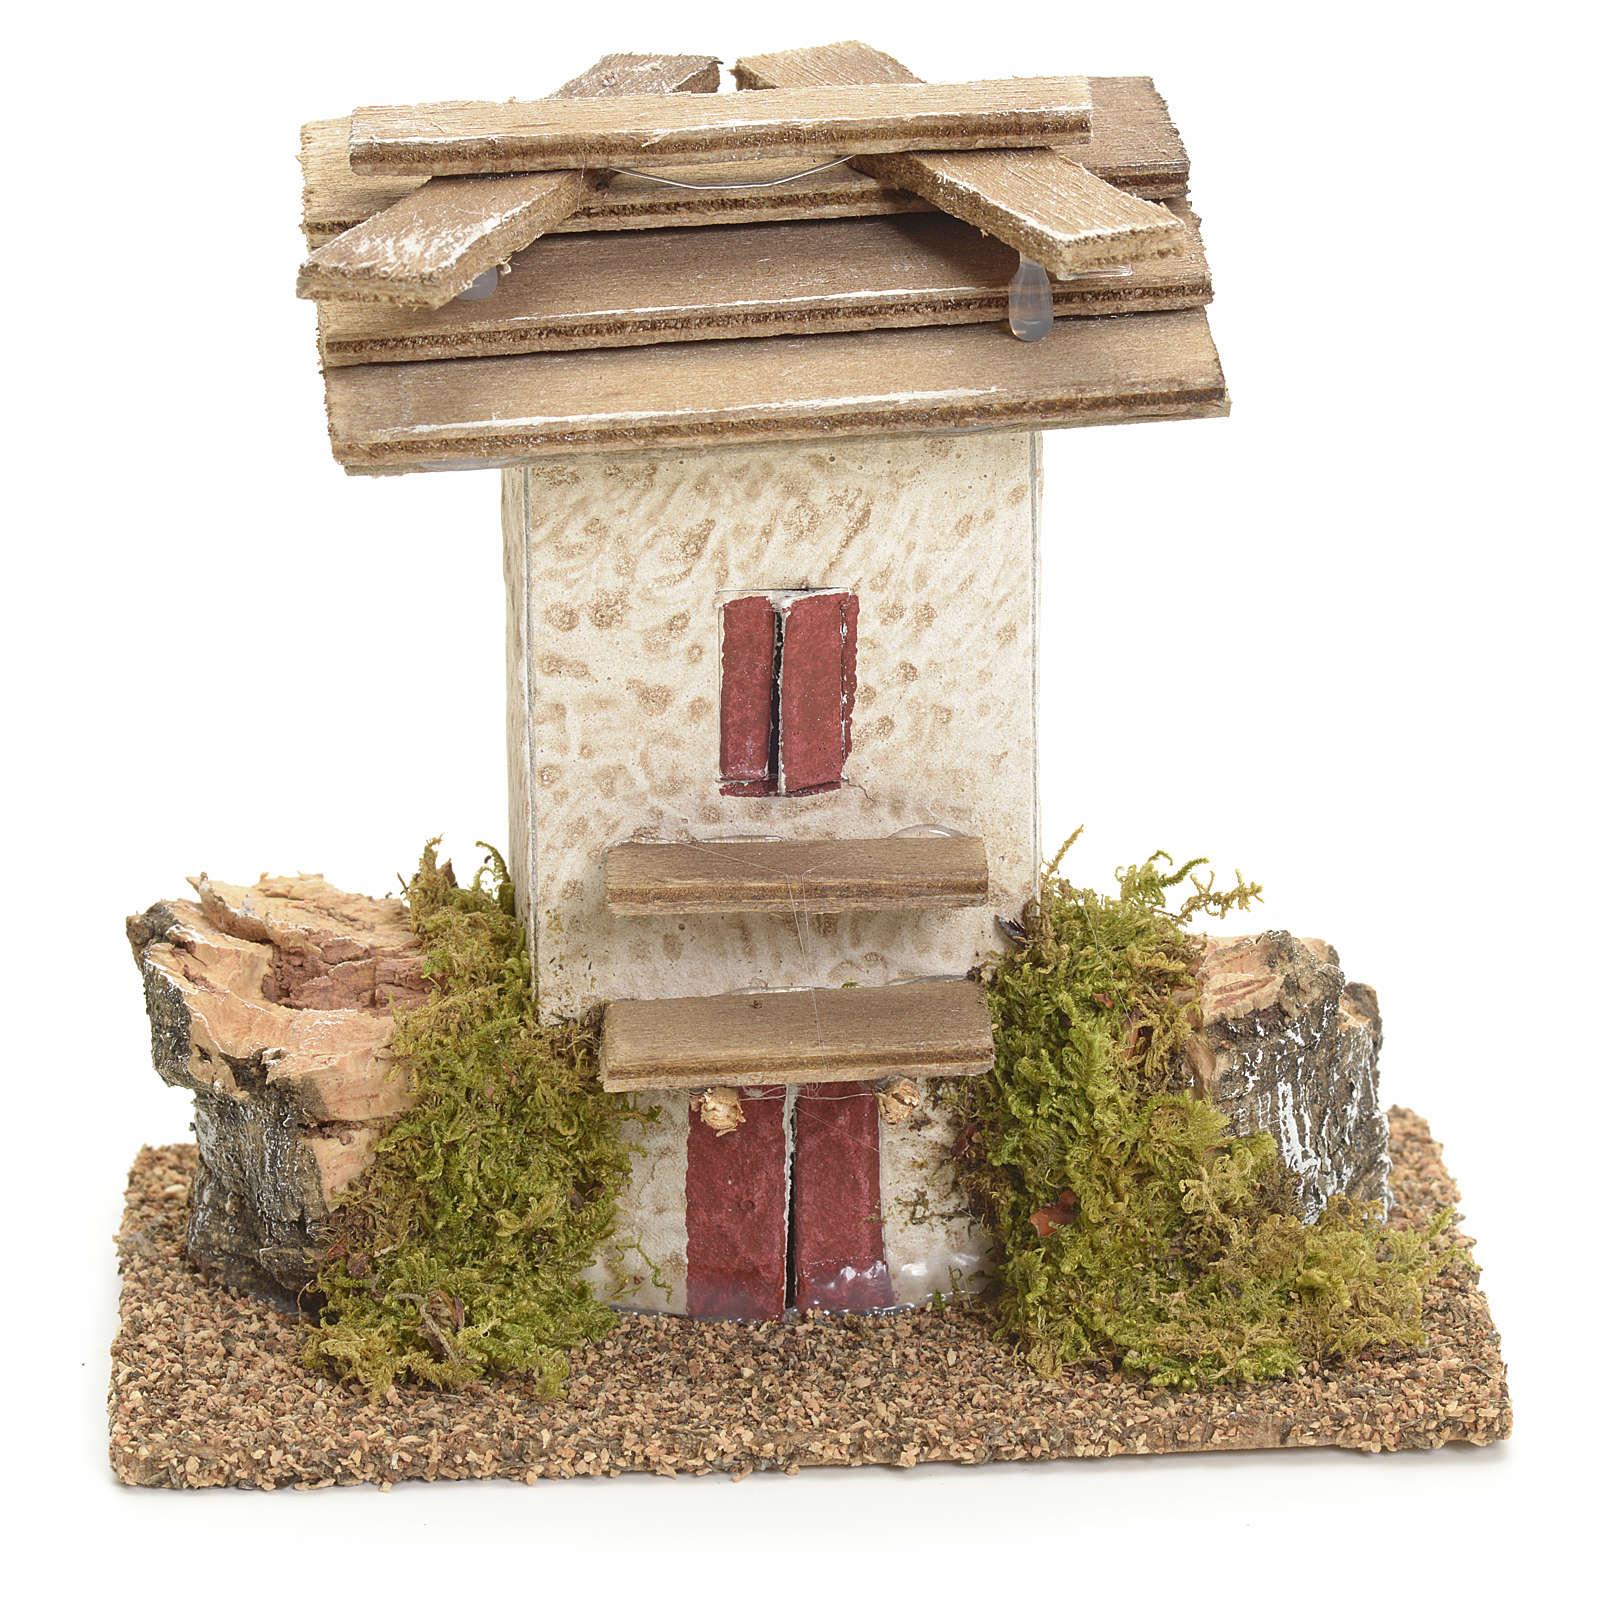 Maison de campagne en miniature avec roches 11x11x6 4